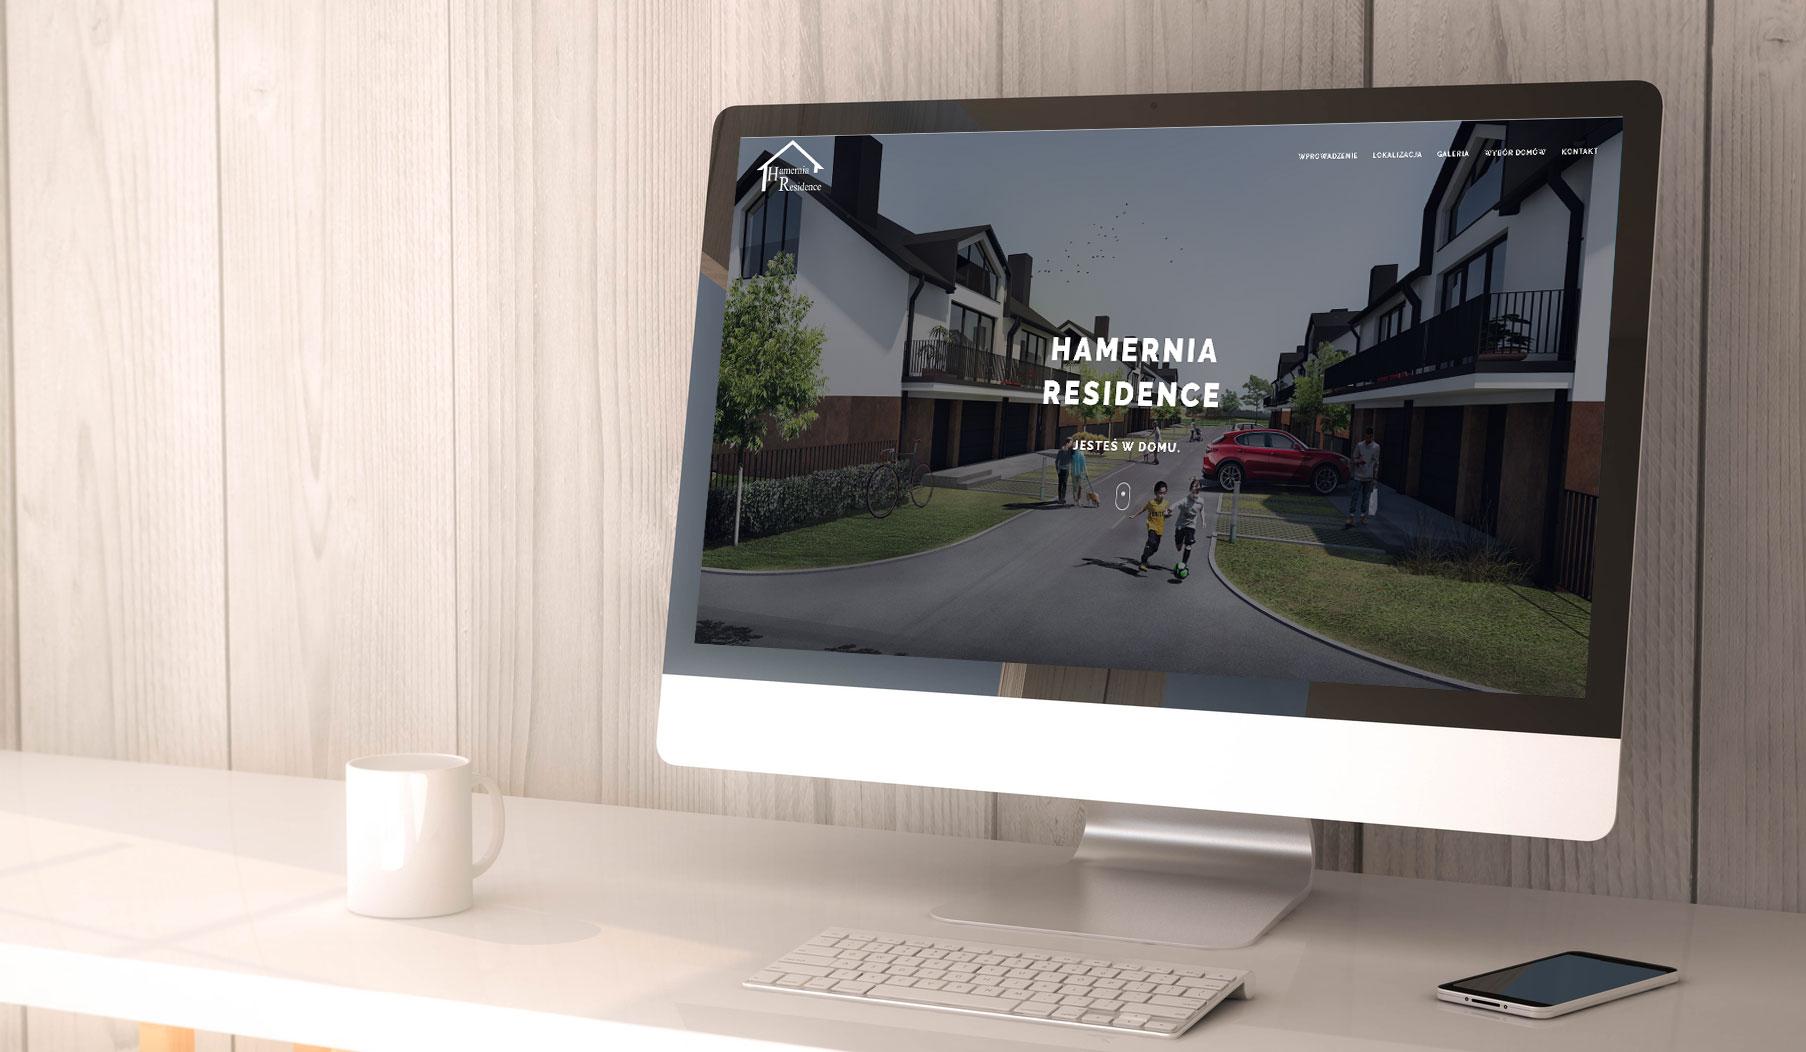 http://hamernia-residence.pl/